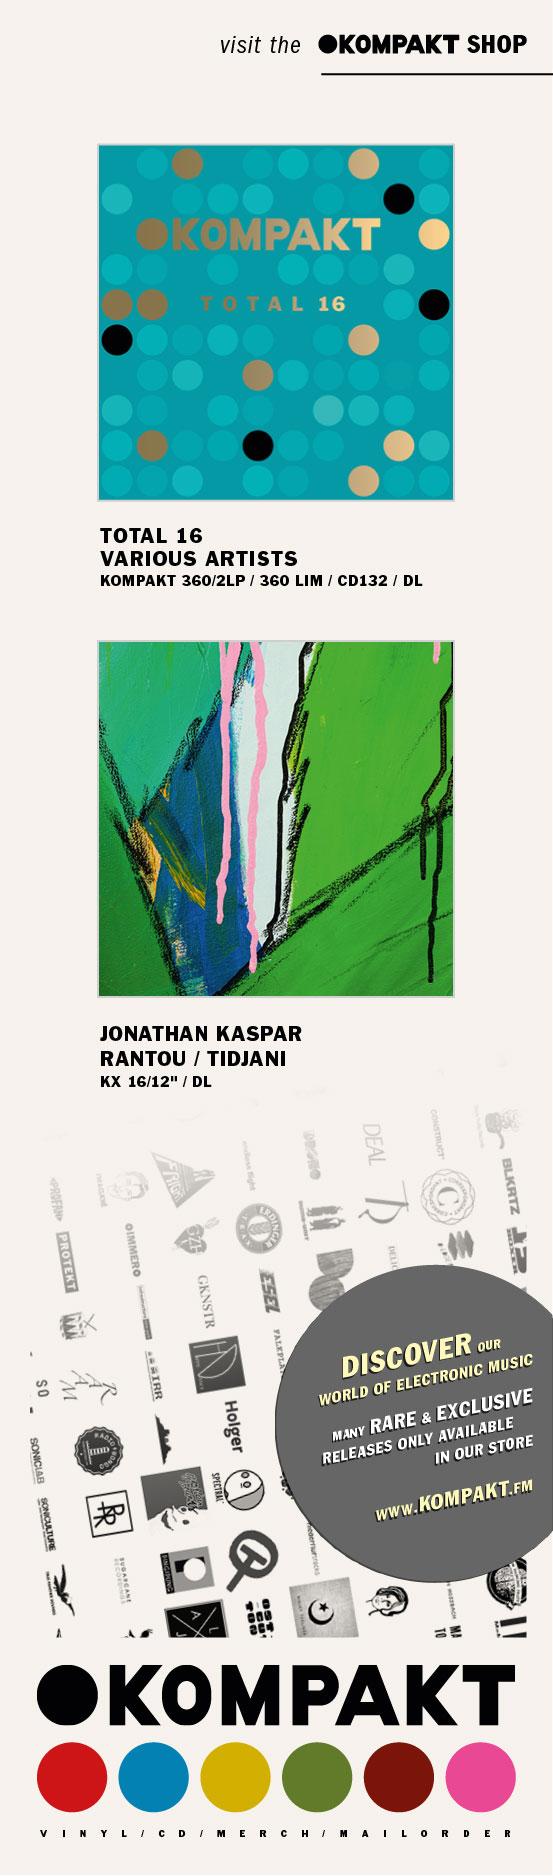 kompakt_kaput_web-ad_Aug_150ppi_2